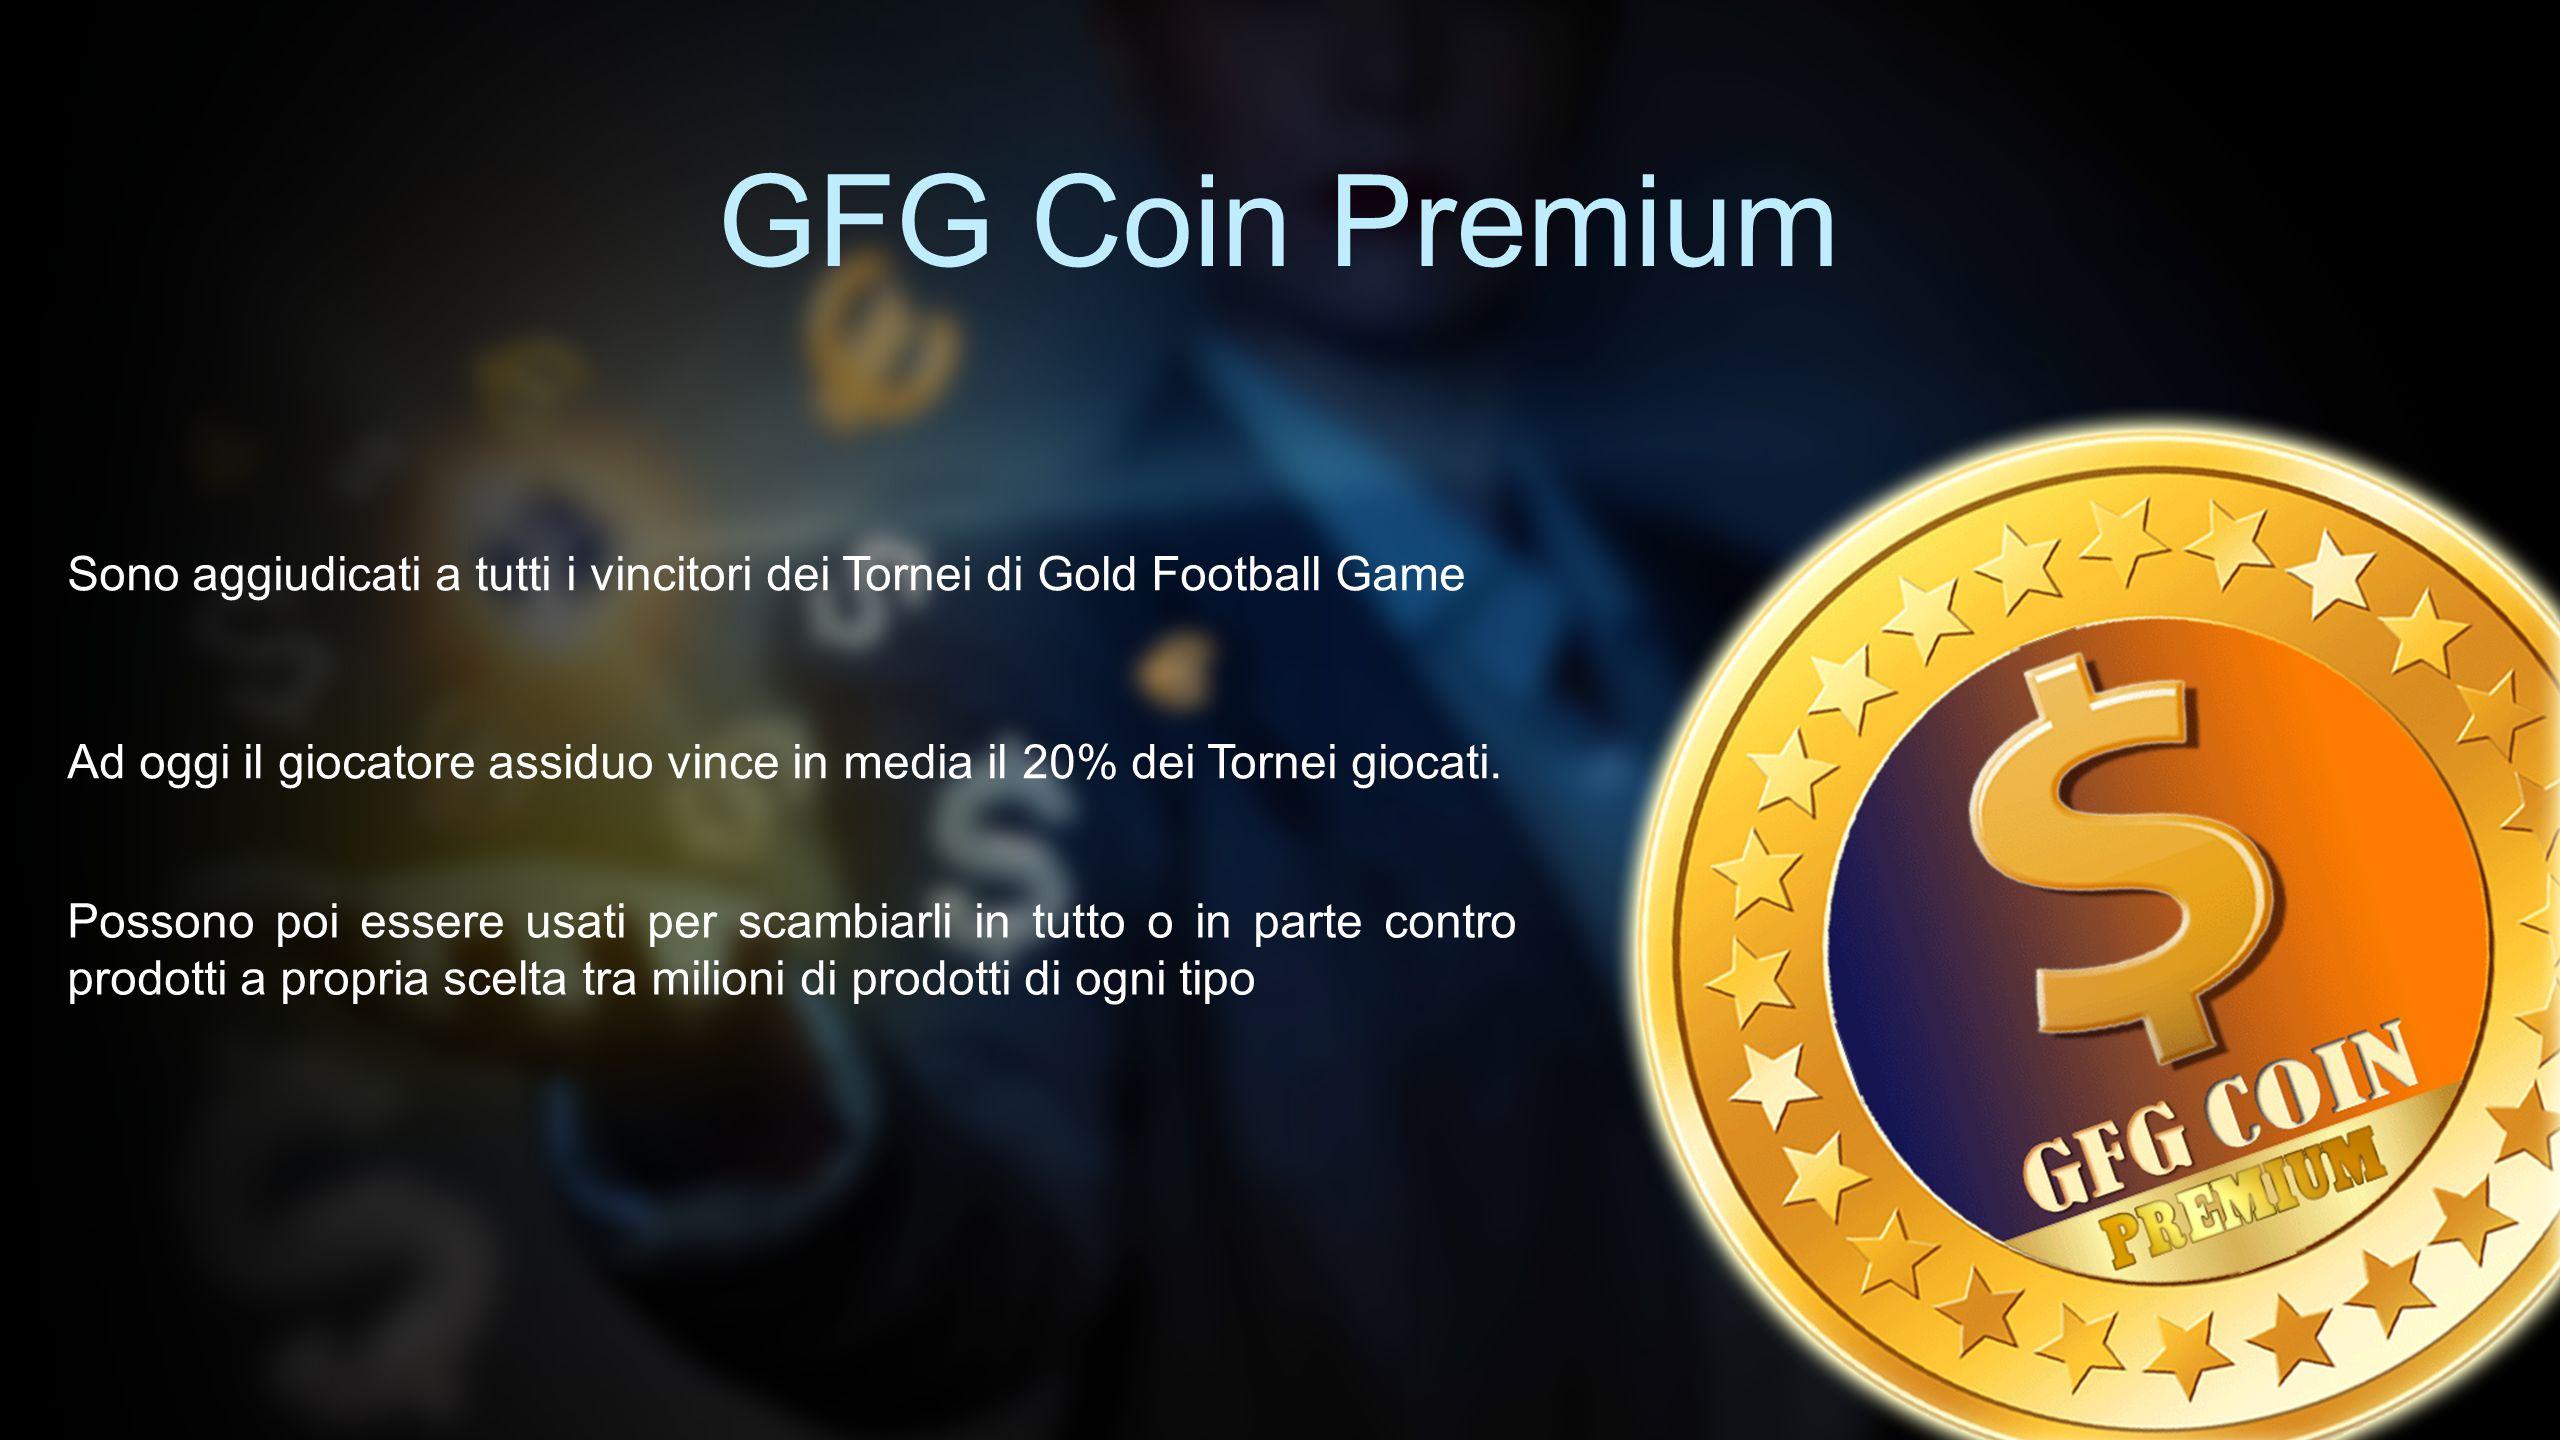 GFG Coin Premium Sono aggiudicati a tutti i vincitori dei Tornei di Gold Football Game Ad oggi il giocatore assiduo vince in media il 20% dei Tornei g